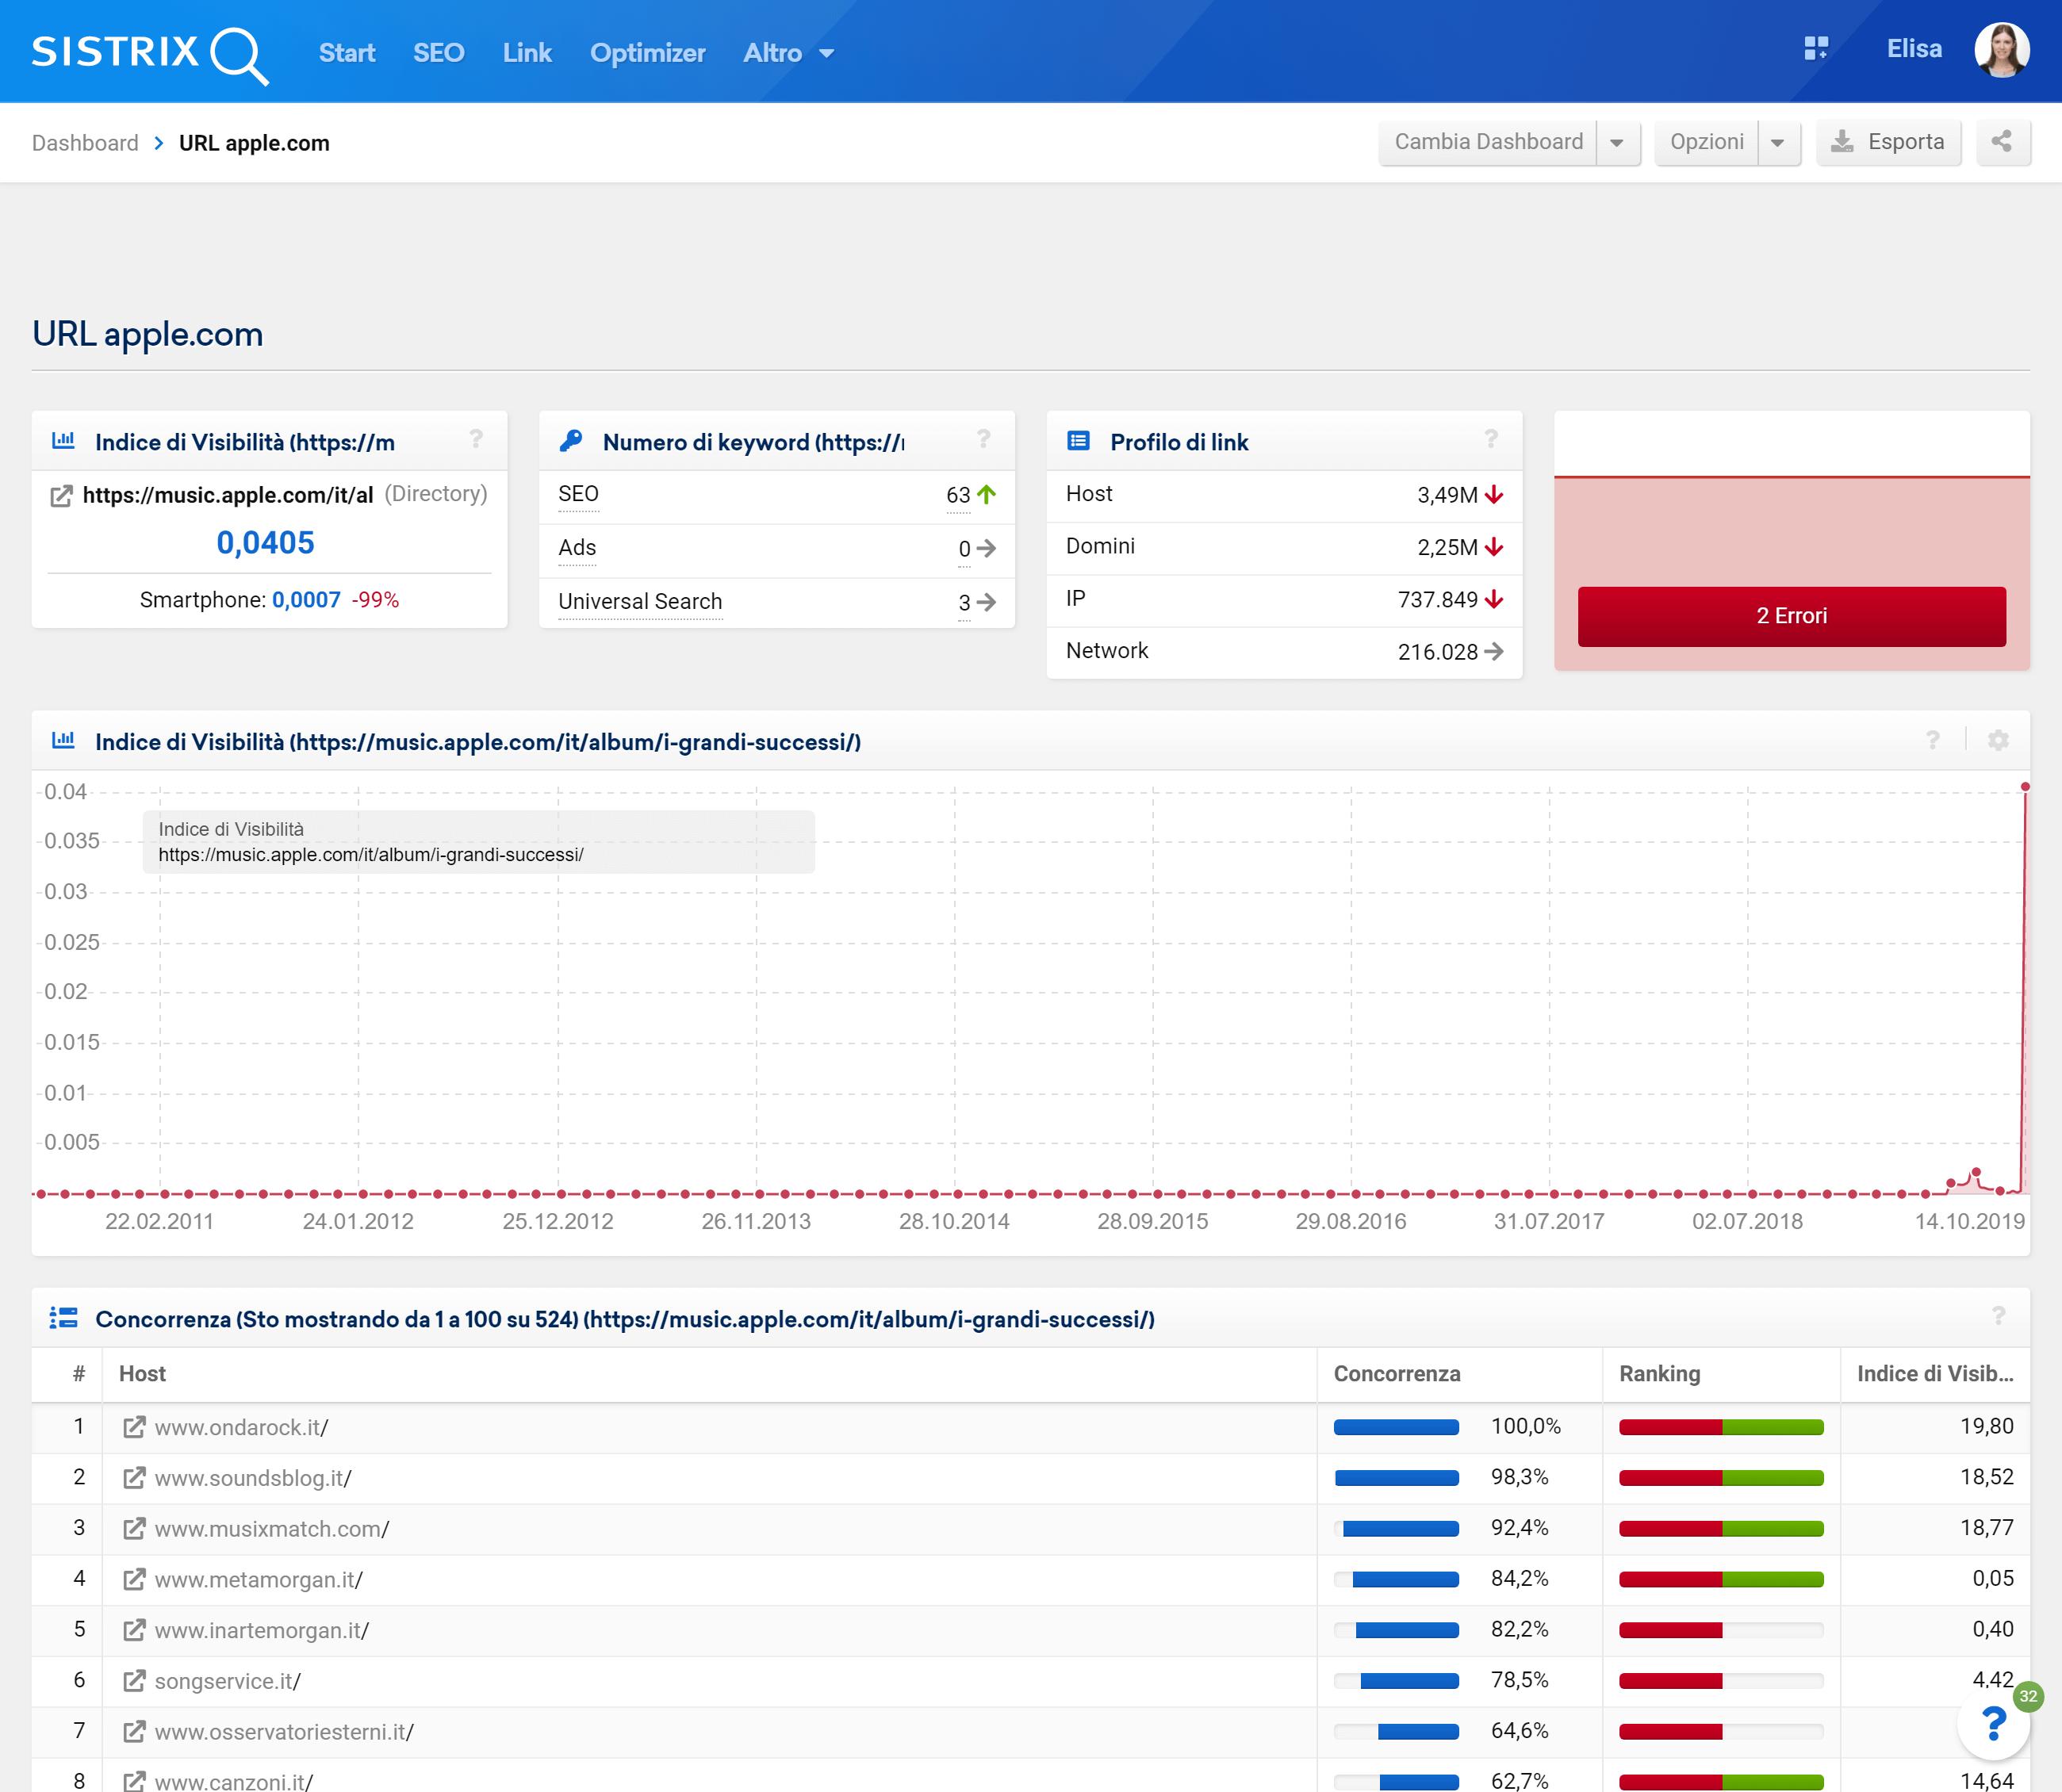 Esempio di Dashboard per micro site nel Toolbox SISTRIX